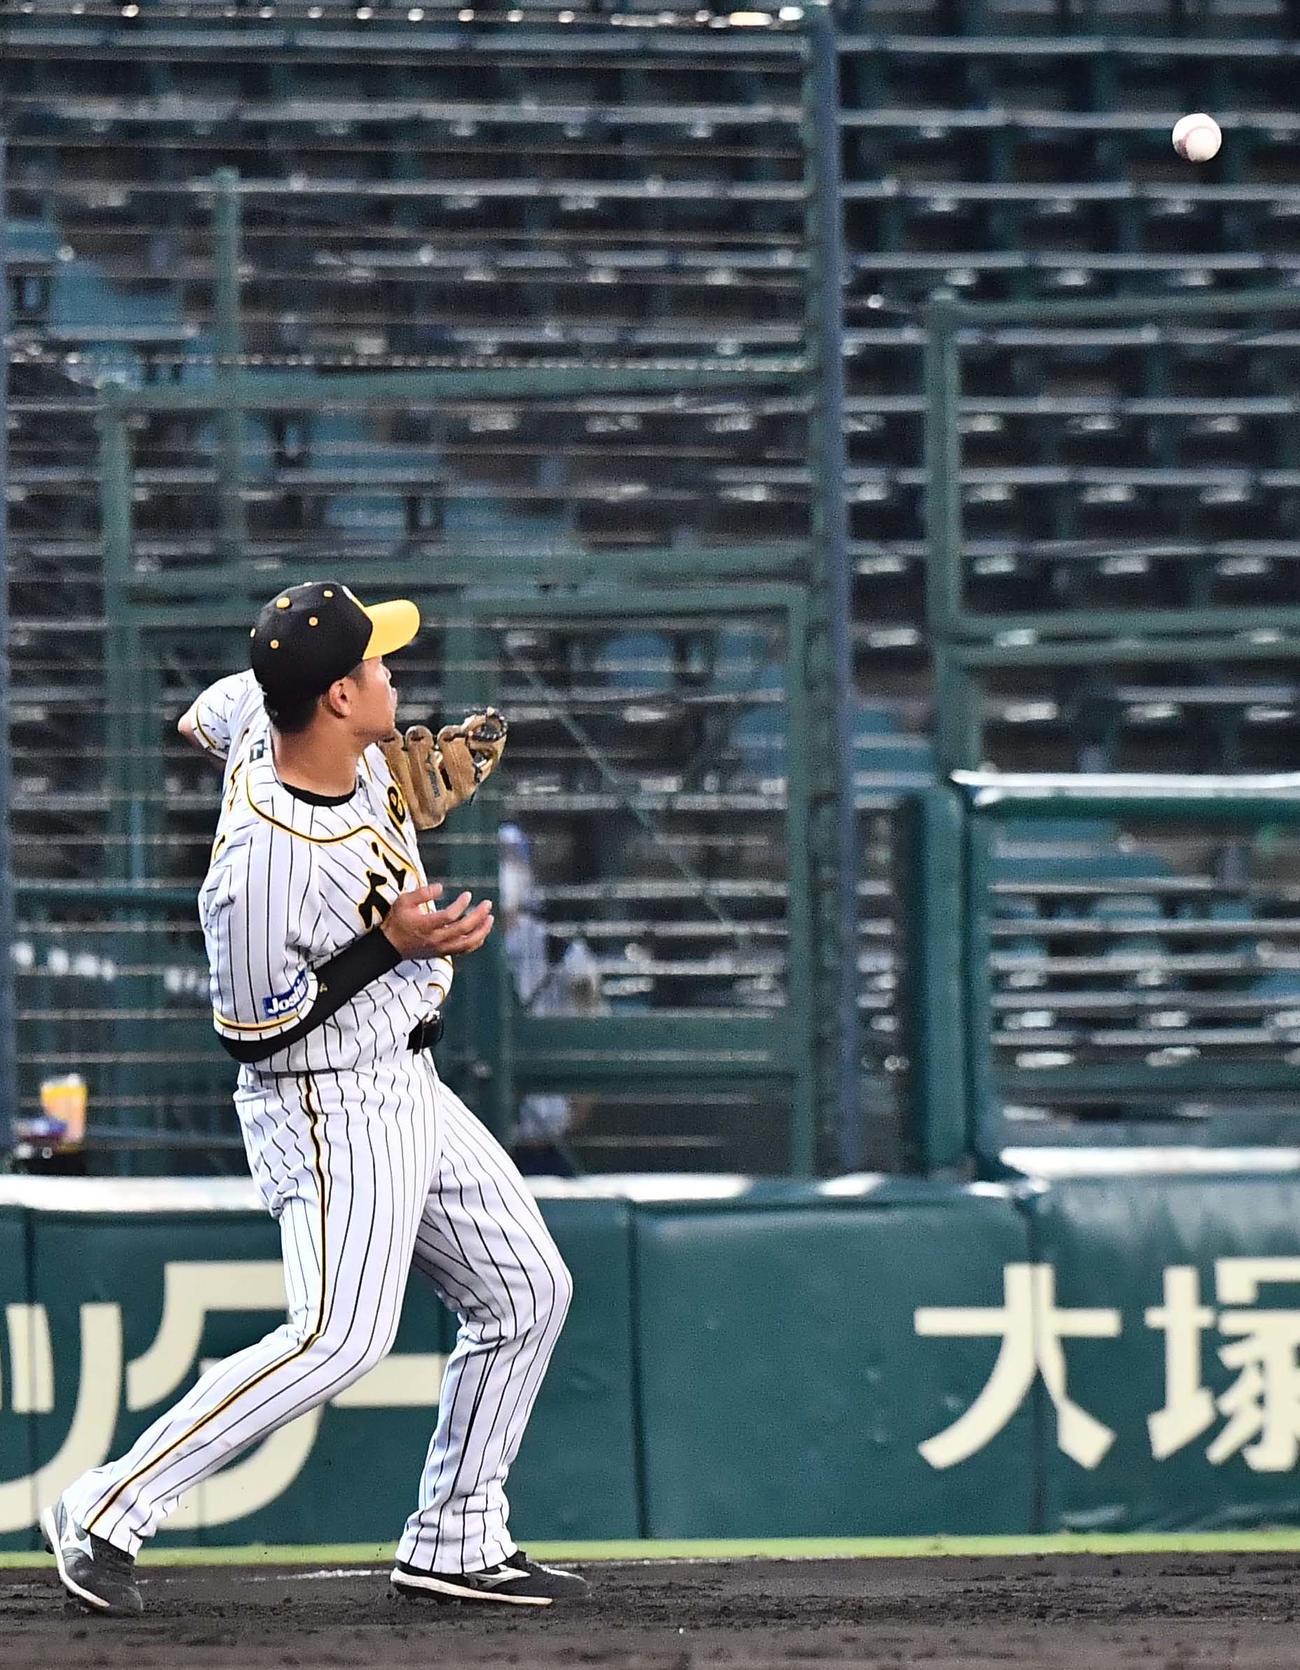 阪神対西武 4回表西武1死、山川の打球を後逸する佐藤輝(撮影・上田博志)